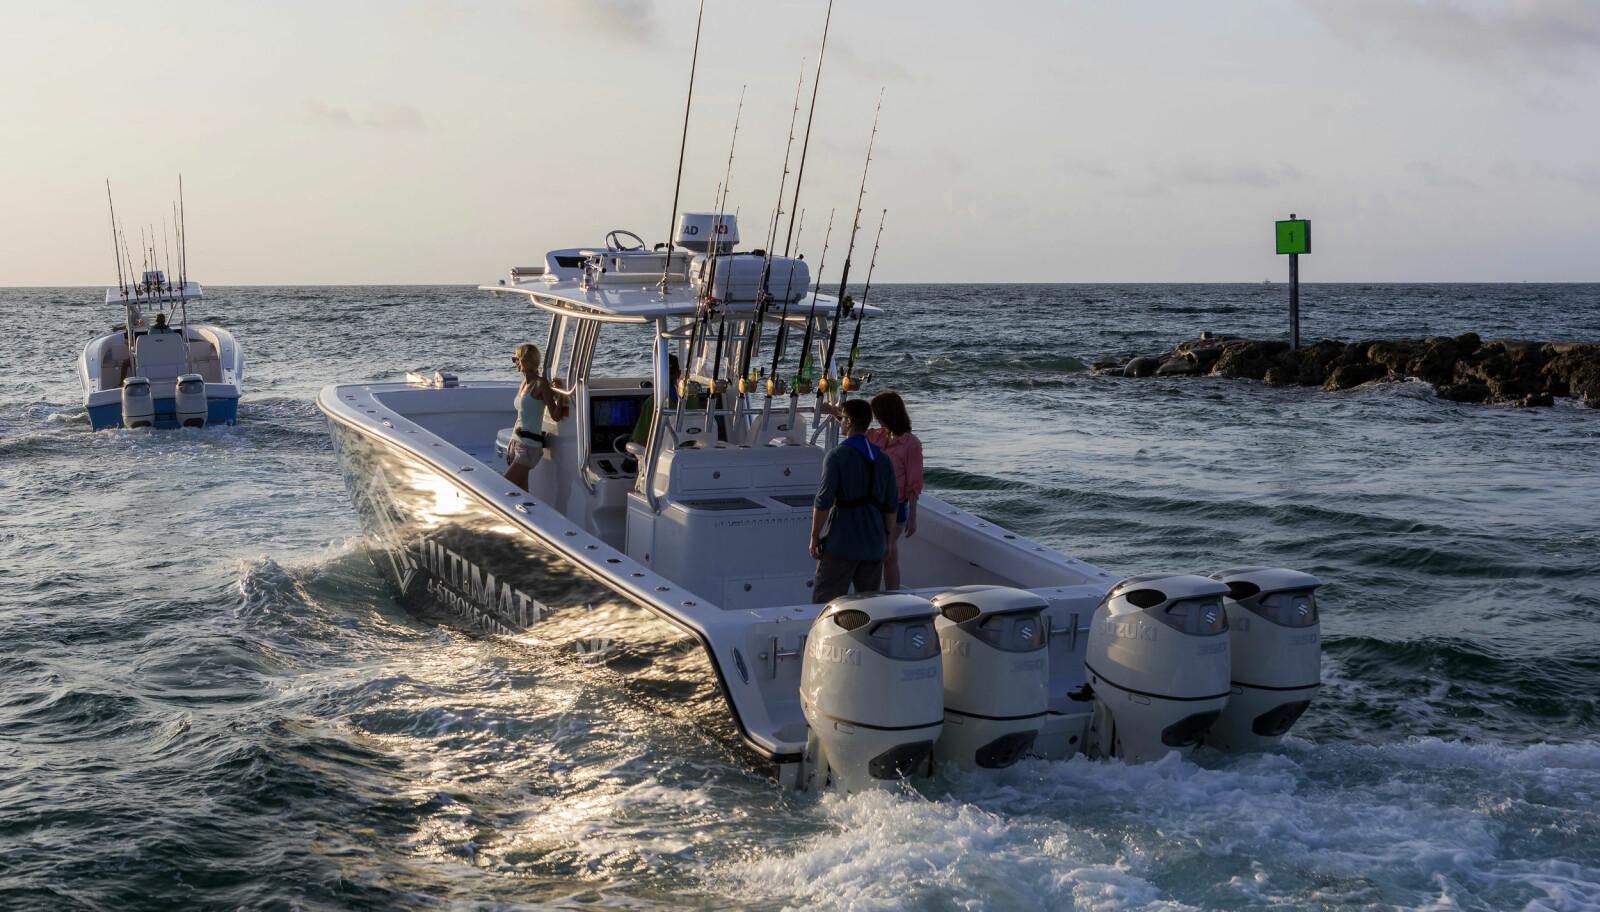 <b>SÅPASS MÅ DET VÆRE: </b>37-fots katamaran med fire motorer gir pondus, selv i amerikansk båtliv.